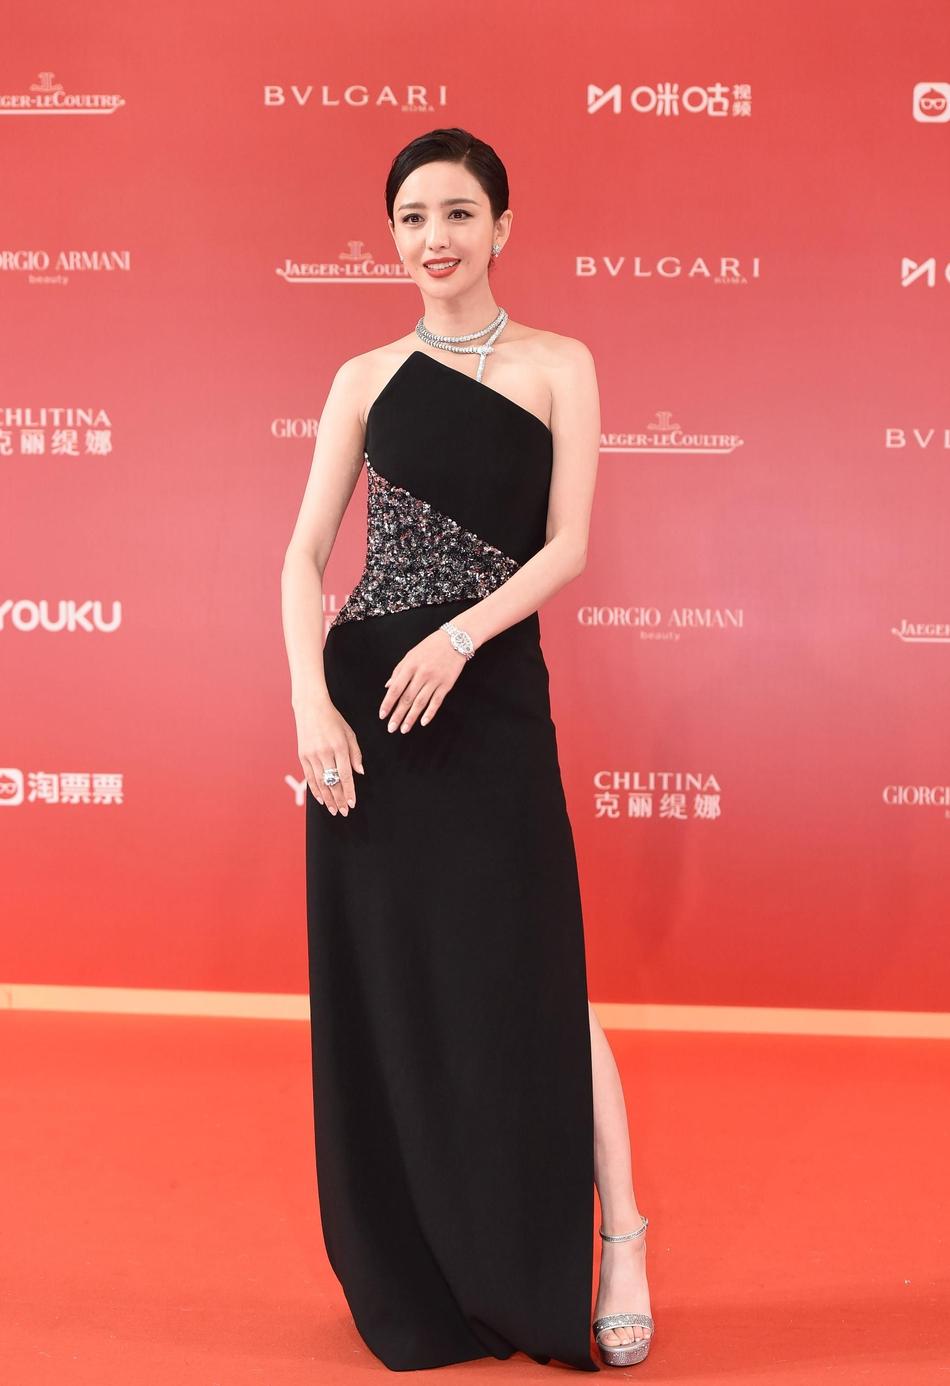 Dàn mỹ nhân Hoa ngữ đọ sắc trên thảm đỏ Liên hoan phim Thượng Hải 2019 - Ảnh 15